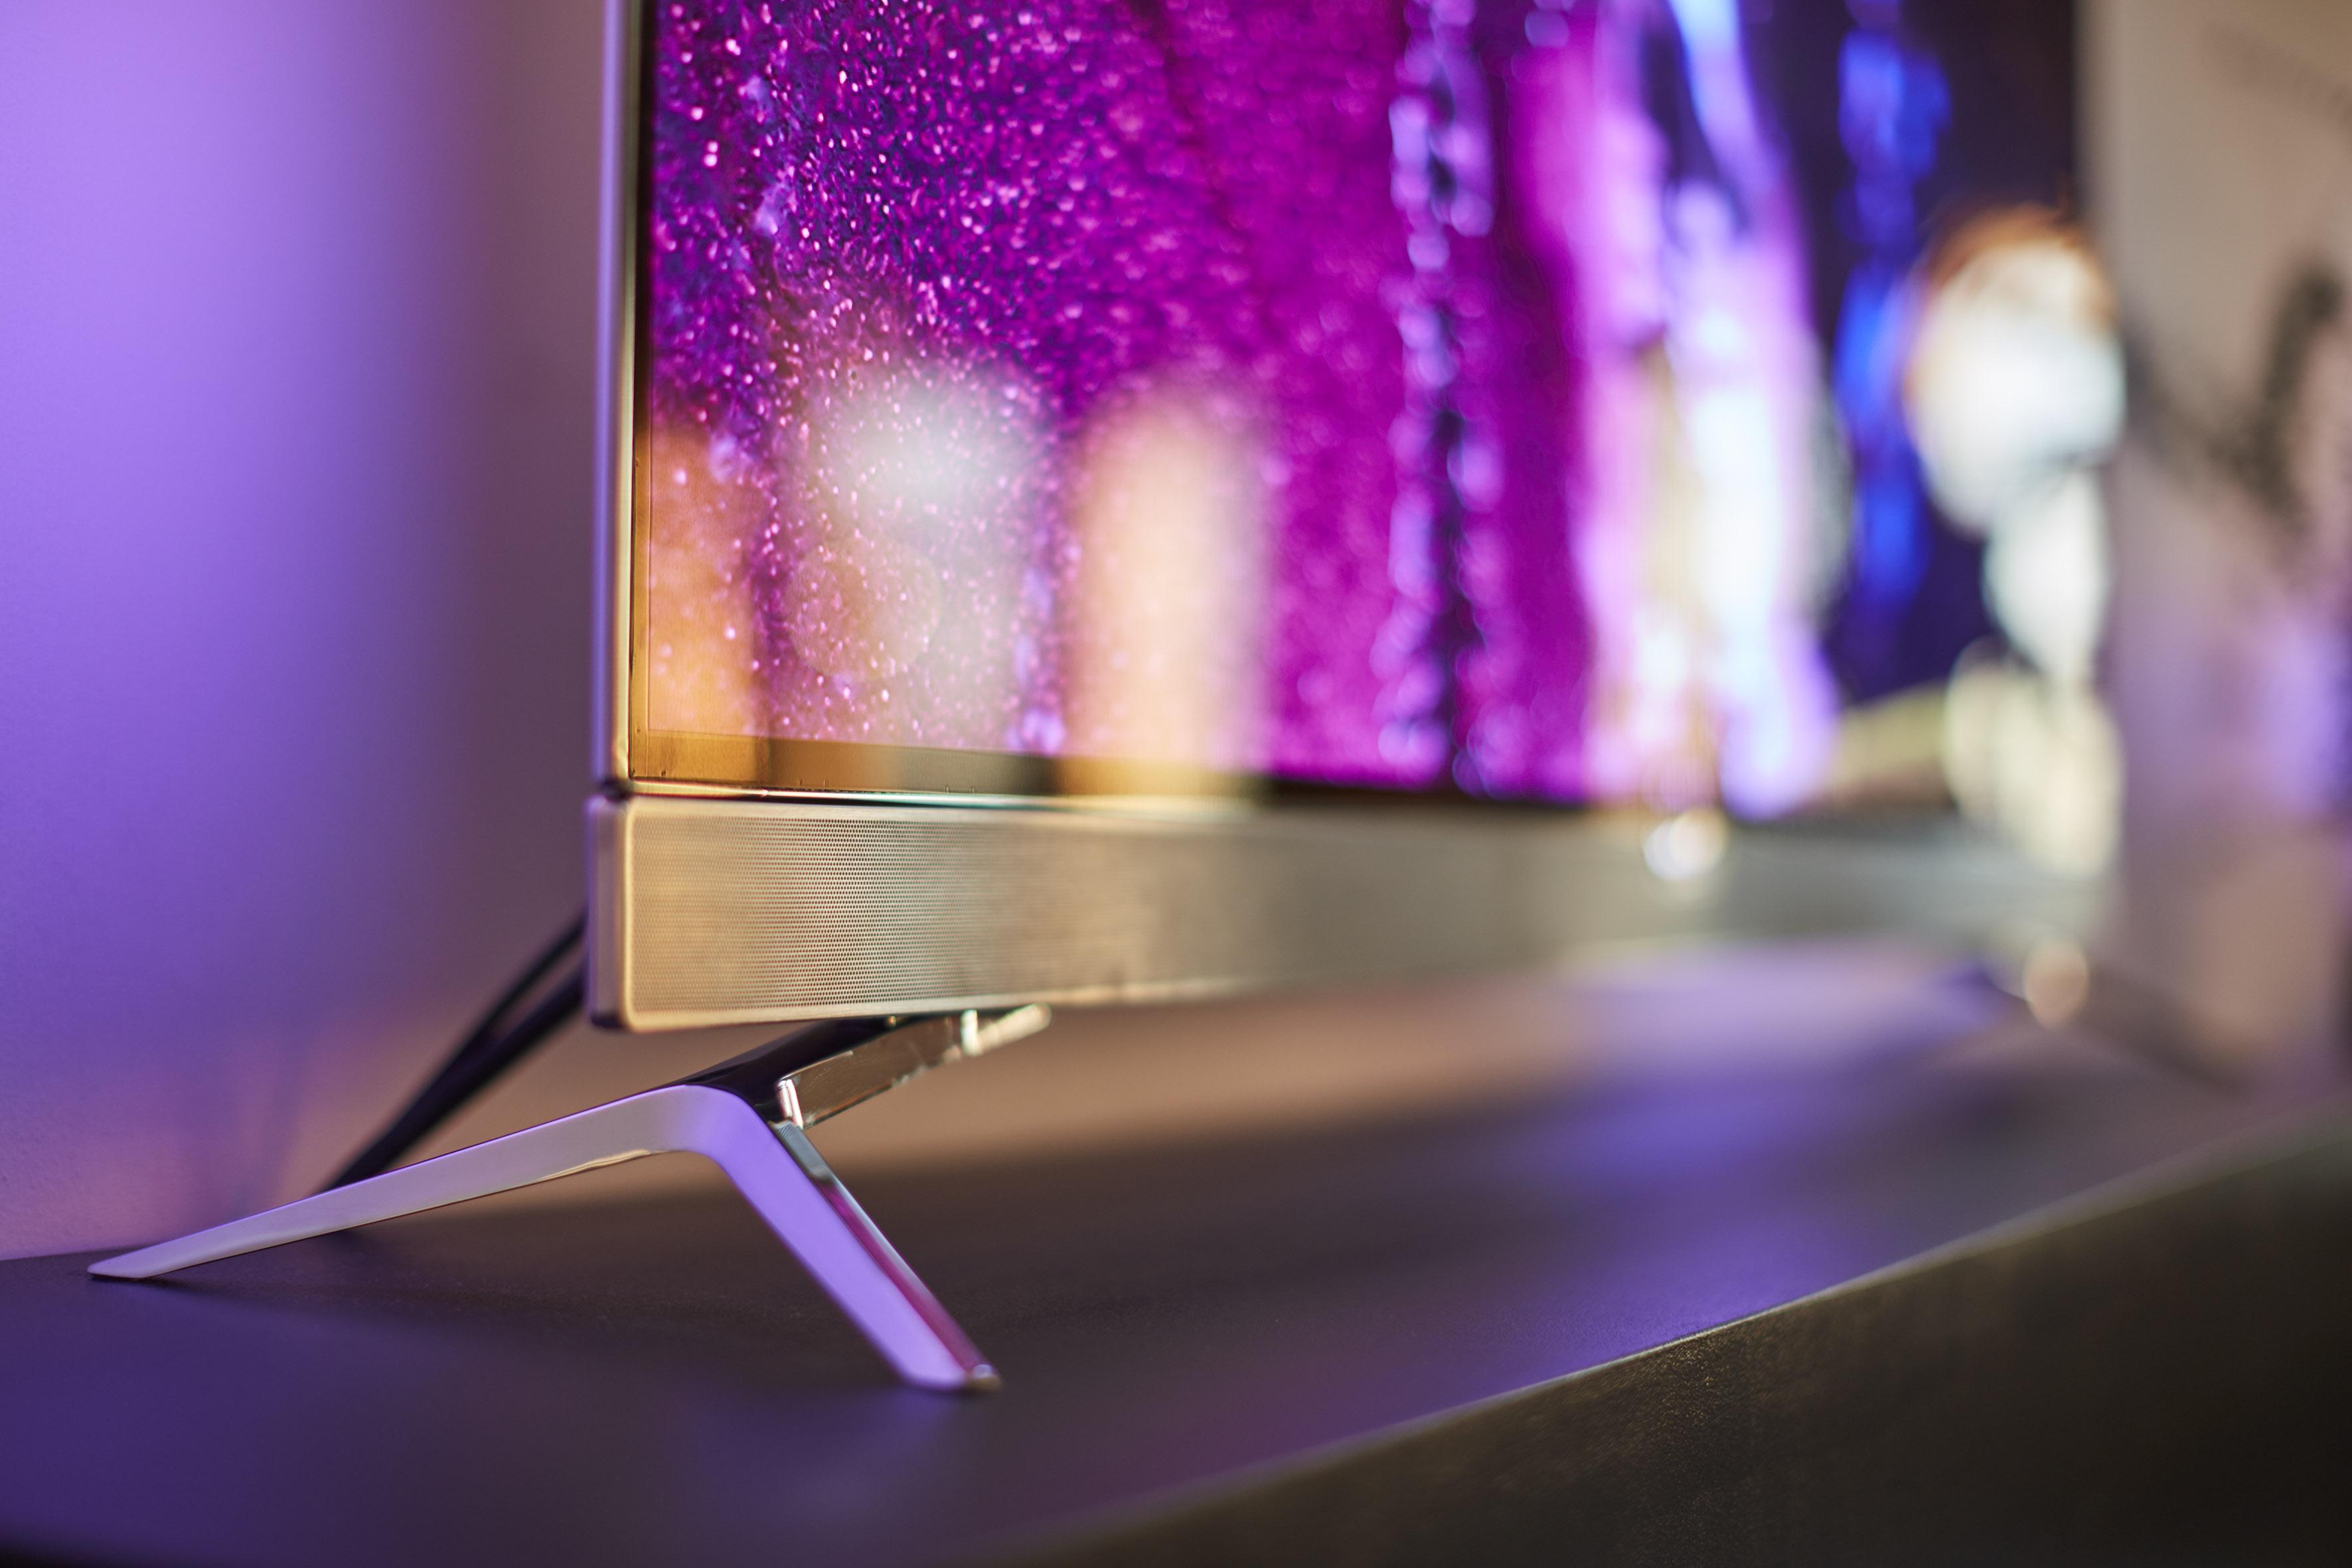 Philips lance le premier téléviseur OLED sous Android TV : un monstre 4K de 55 pouces